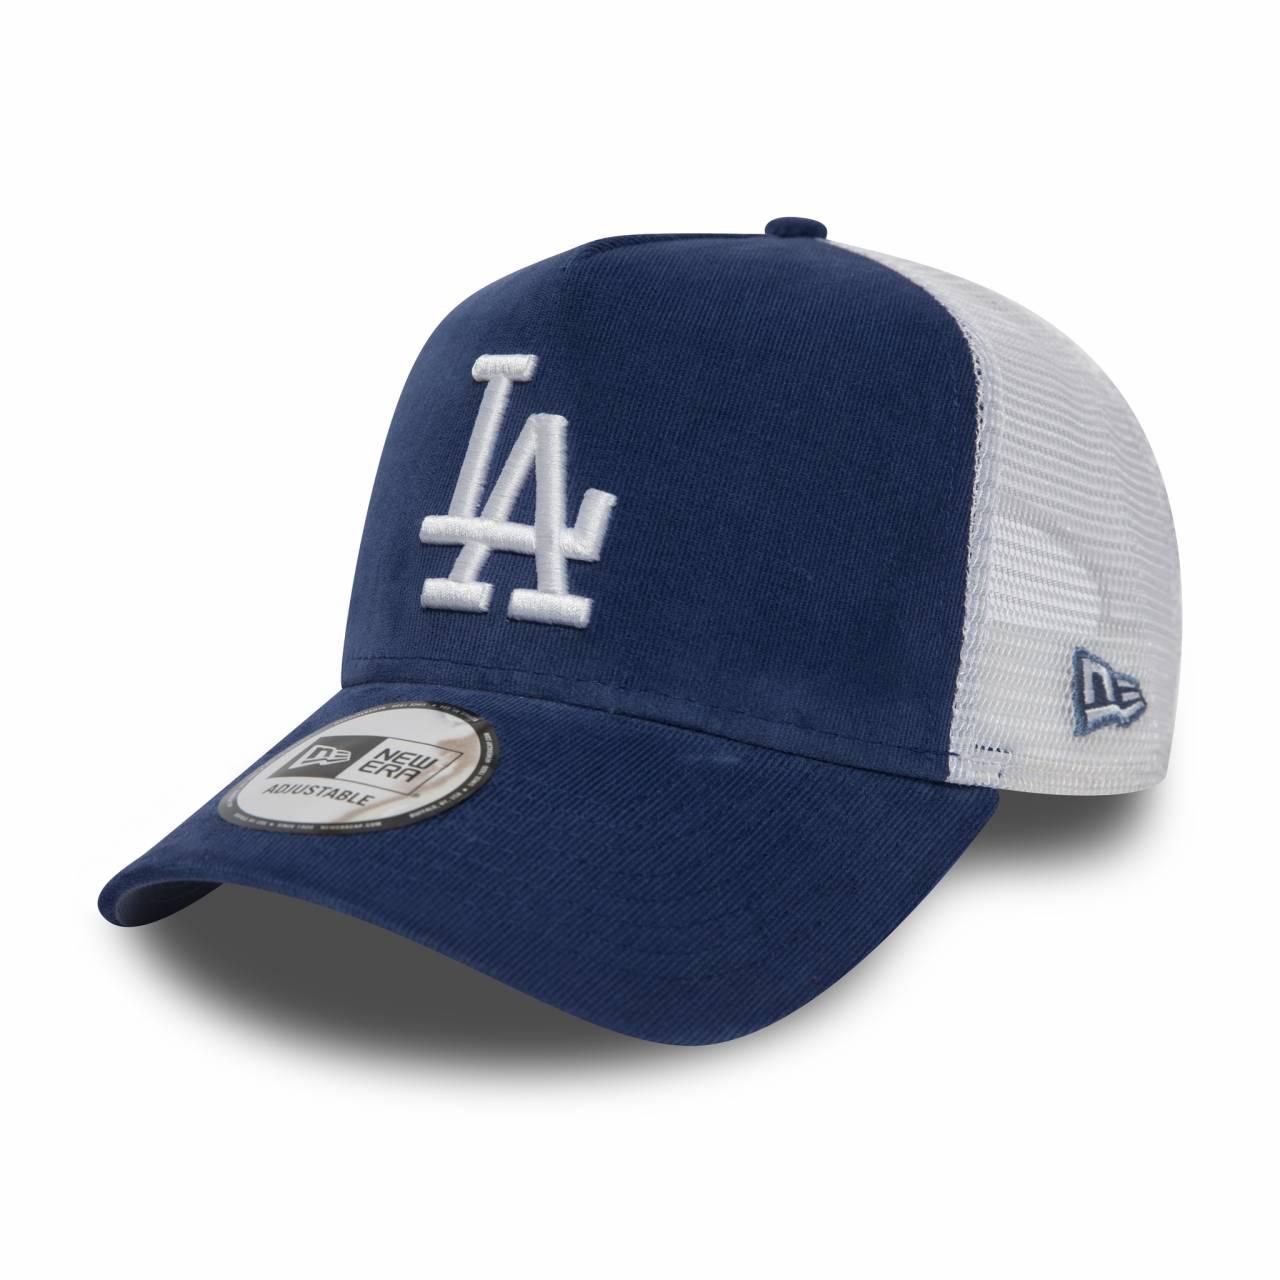 11871601 MLB TRUCKER LOS ANGELES DODGERS CORD CAP